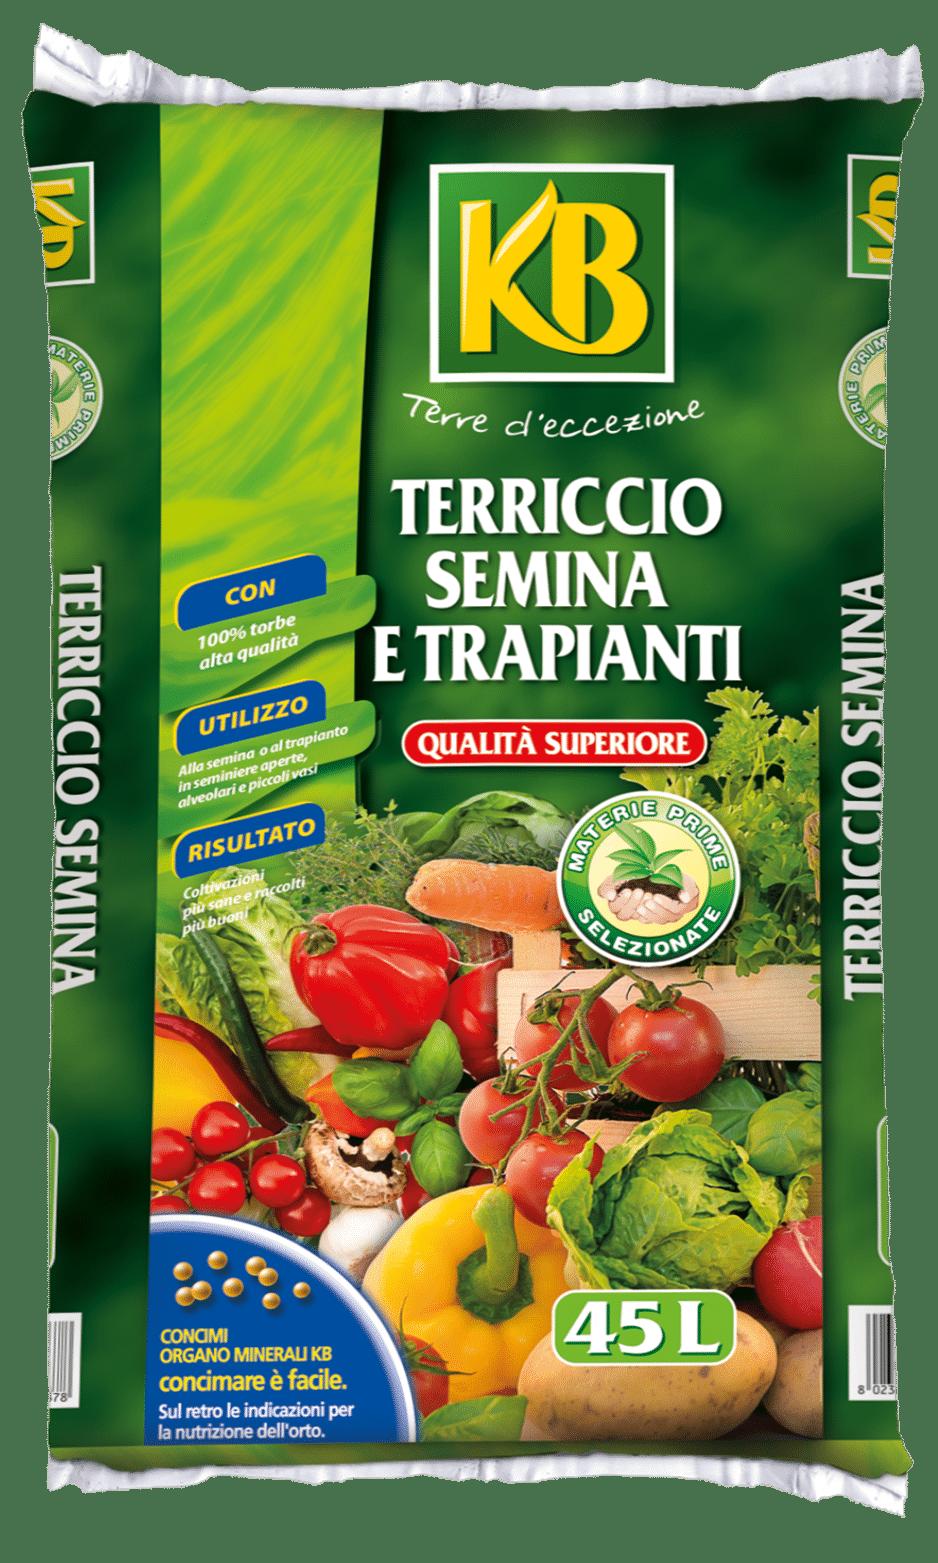 TE007_Terriccio_Semina_TrapiantiTE007_Terriccio_Semina_Trapianti